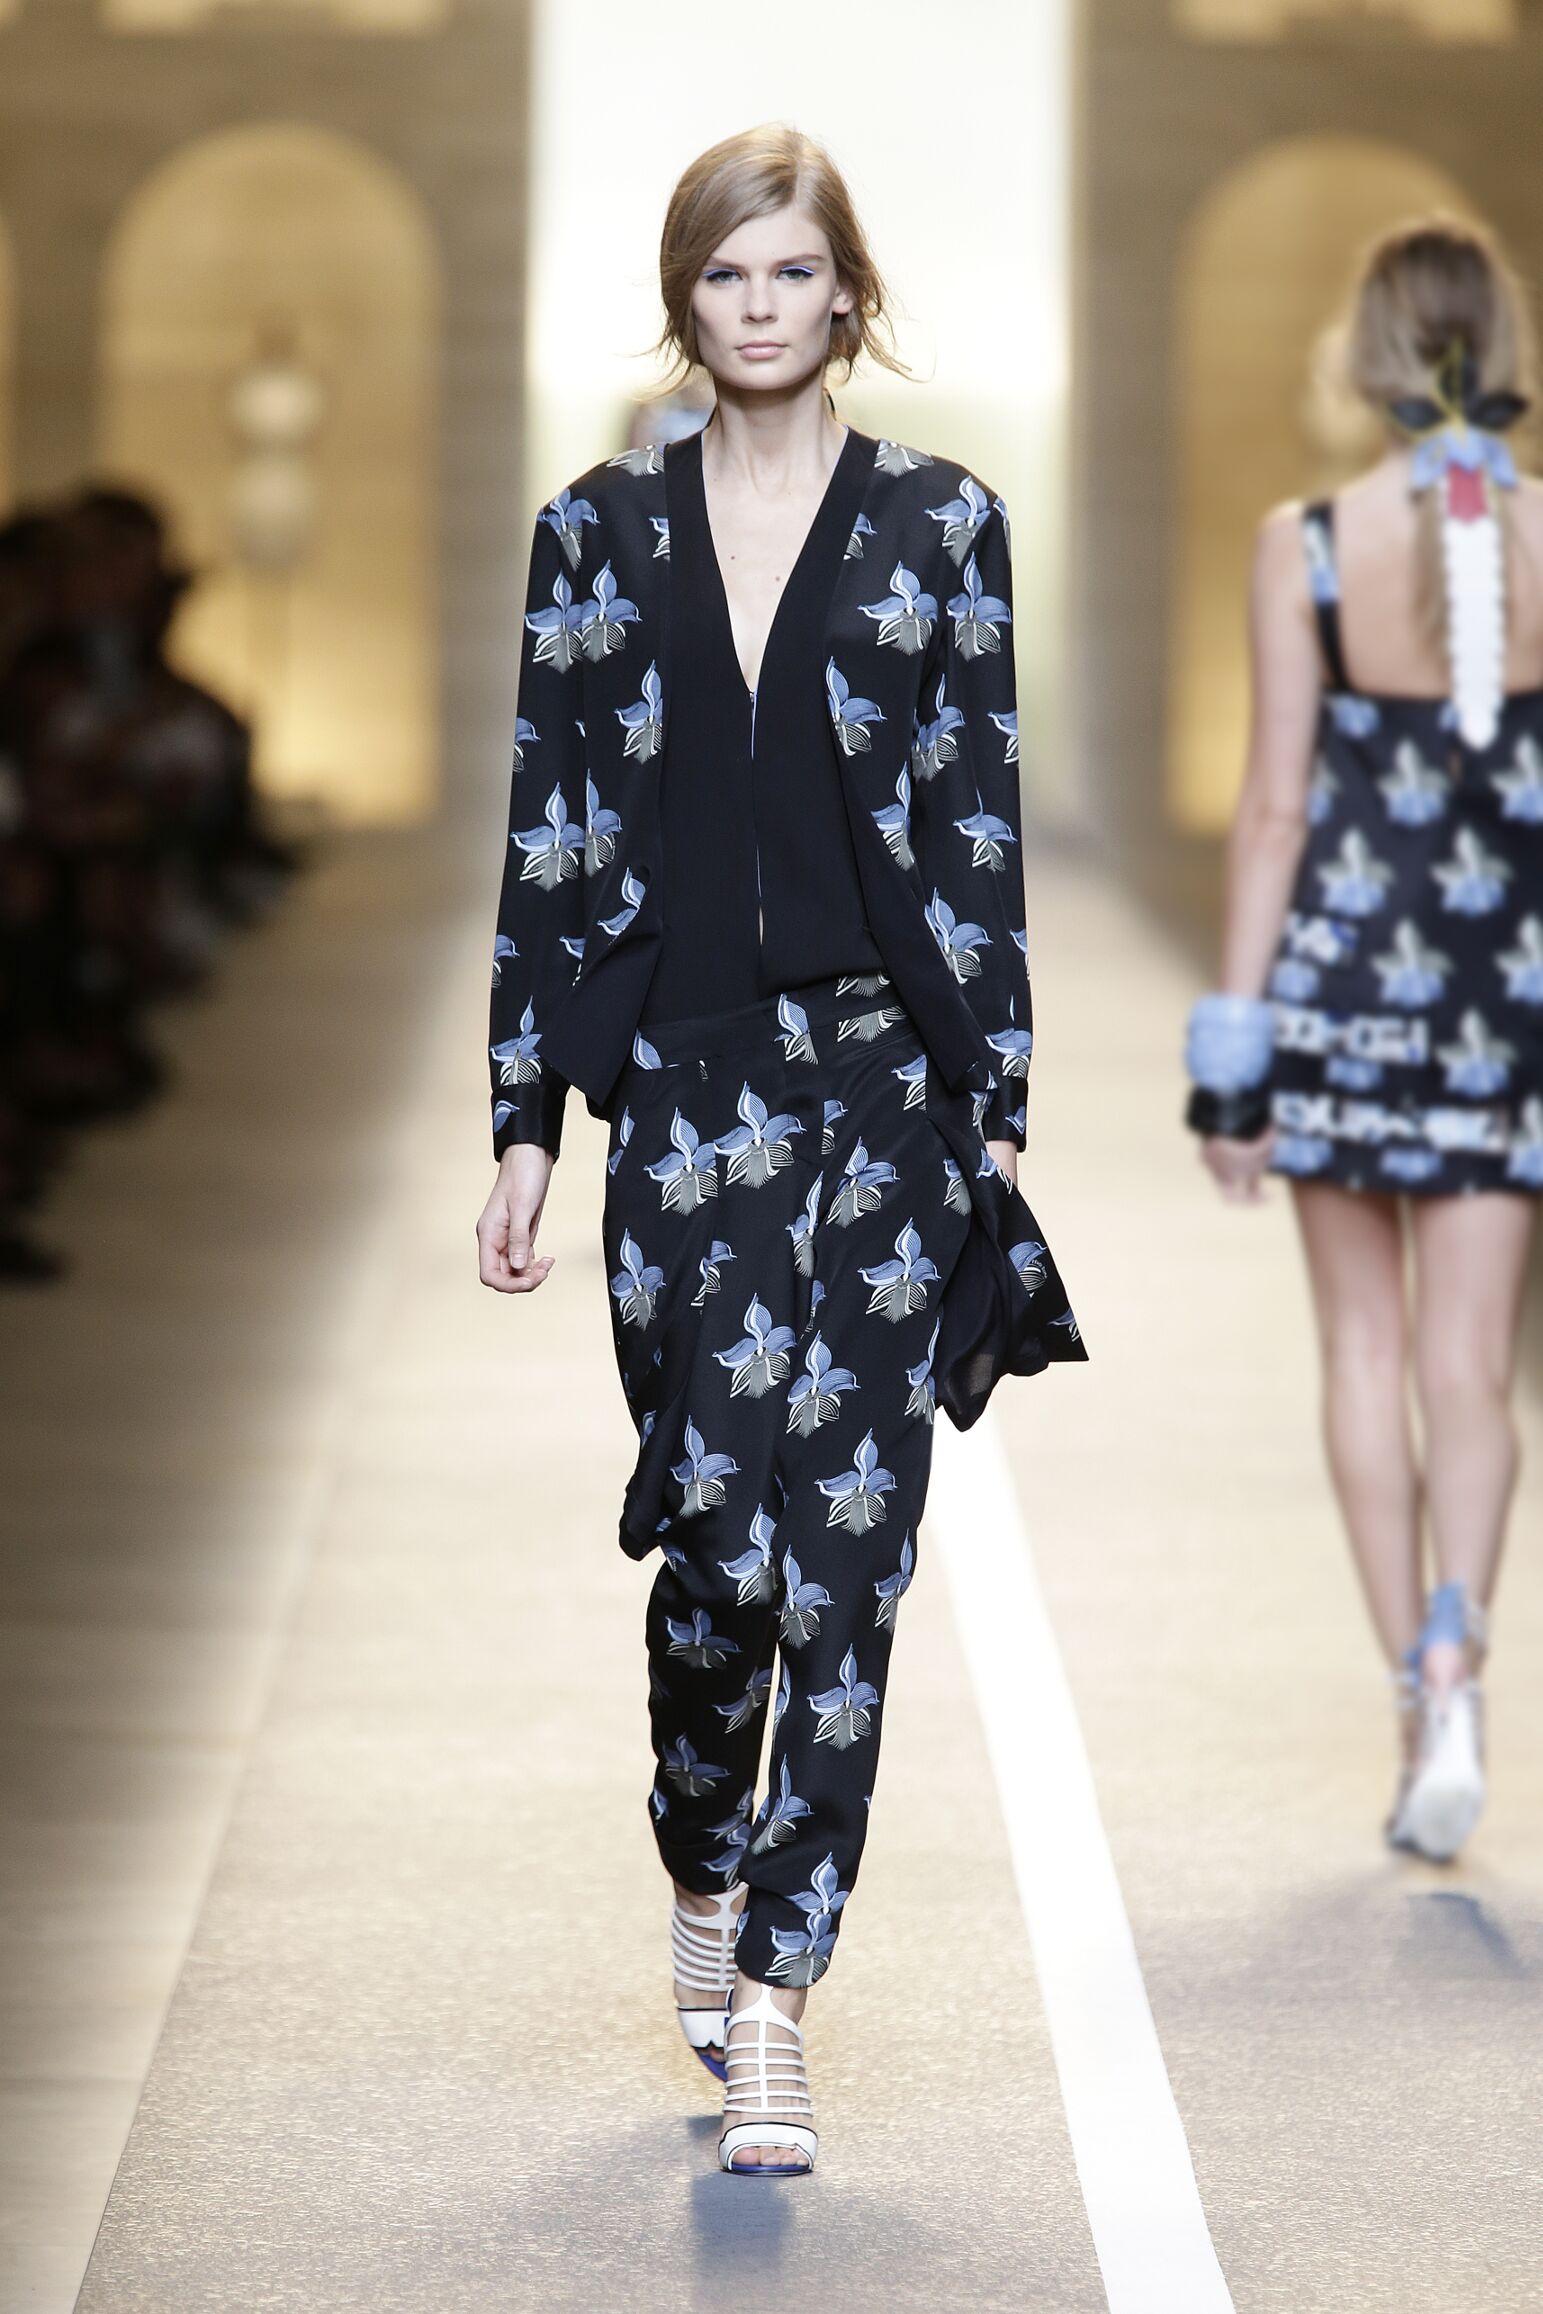 Summer 2015 Fashion Show Fendi Womenswear